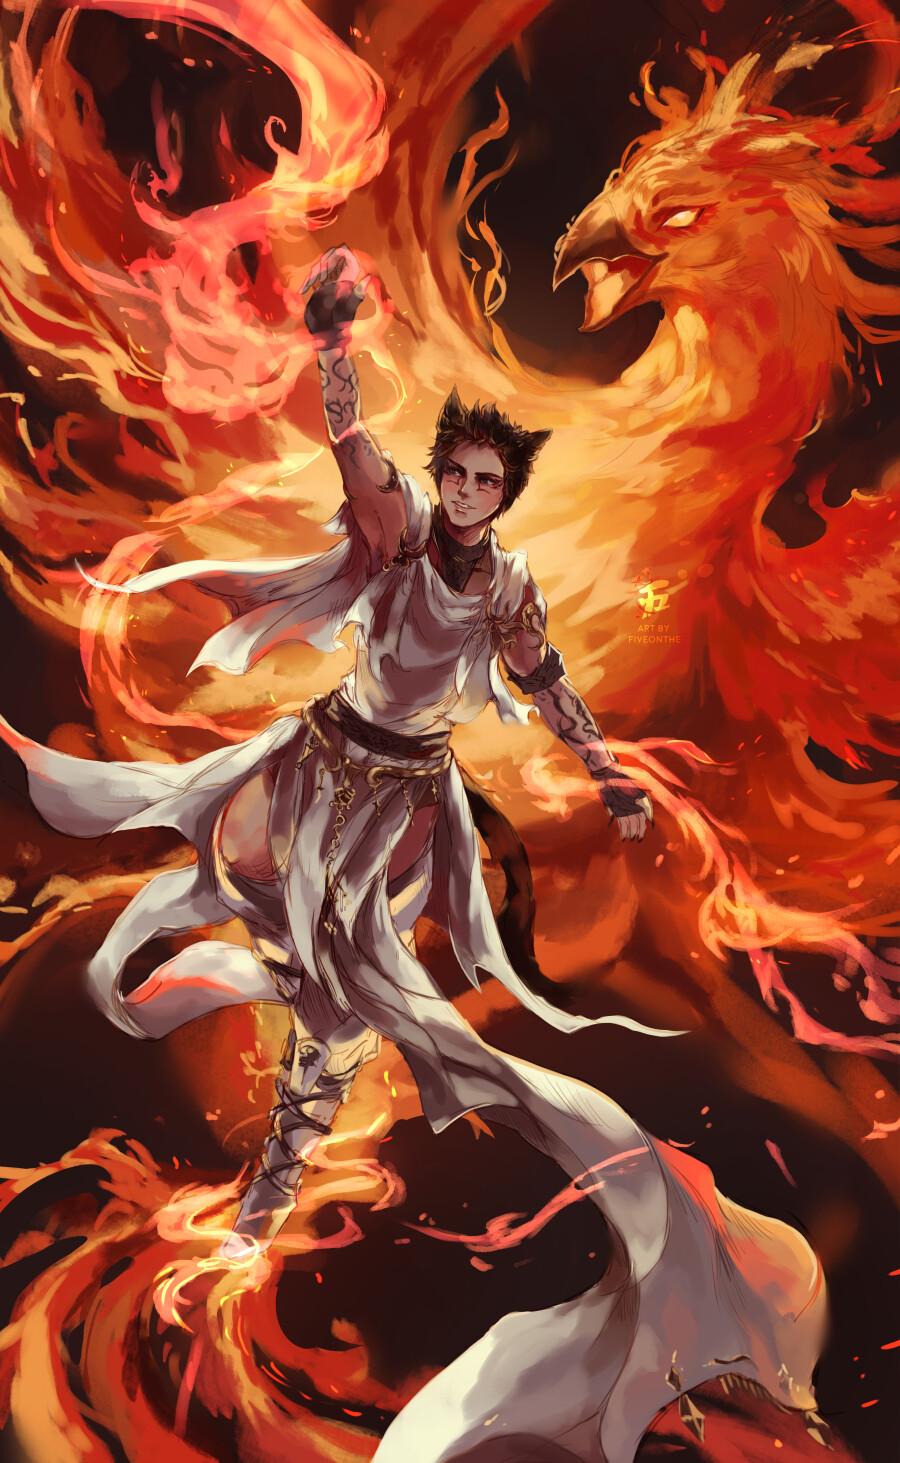 Firebird of legend.